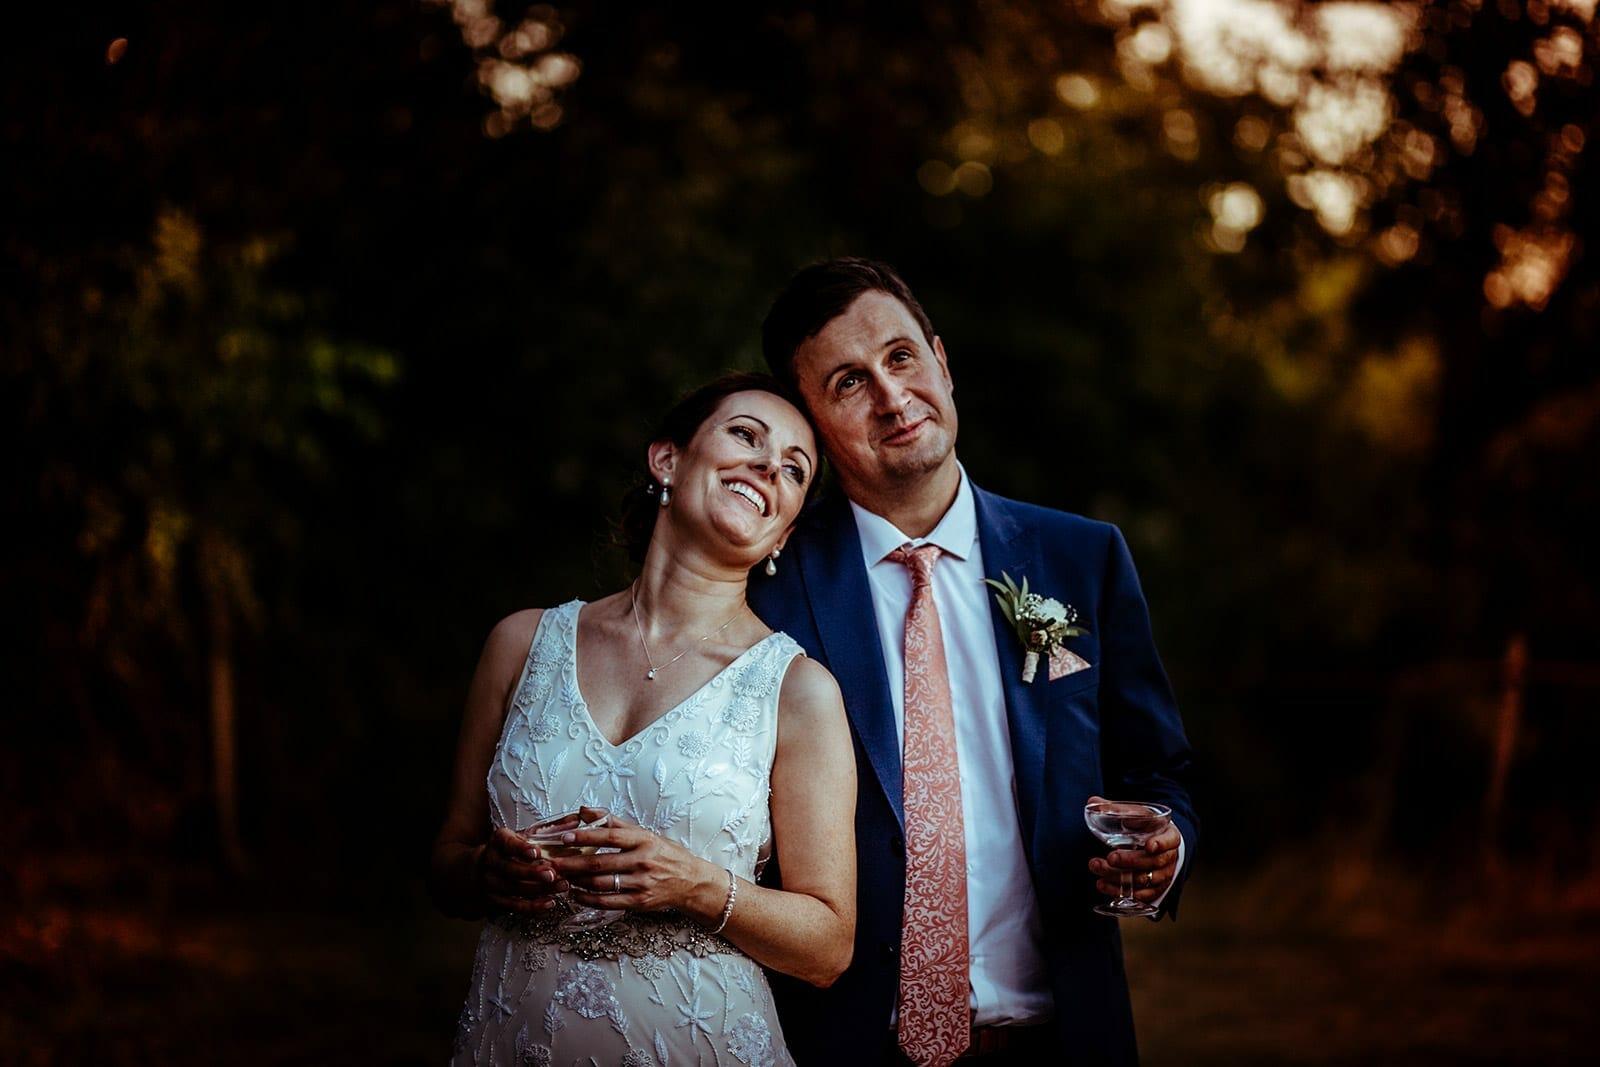 Photographe de mariage au château des Vergers photographe de mariage Lantignié Château des Vergers Irlande